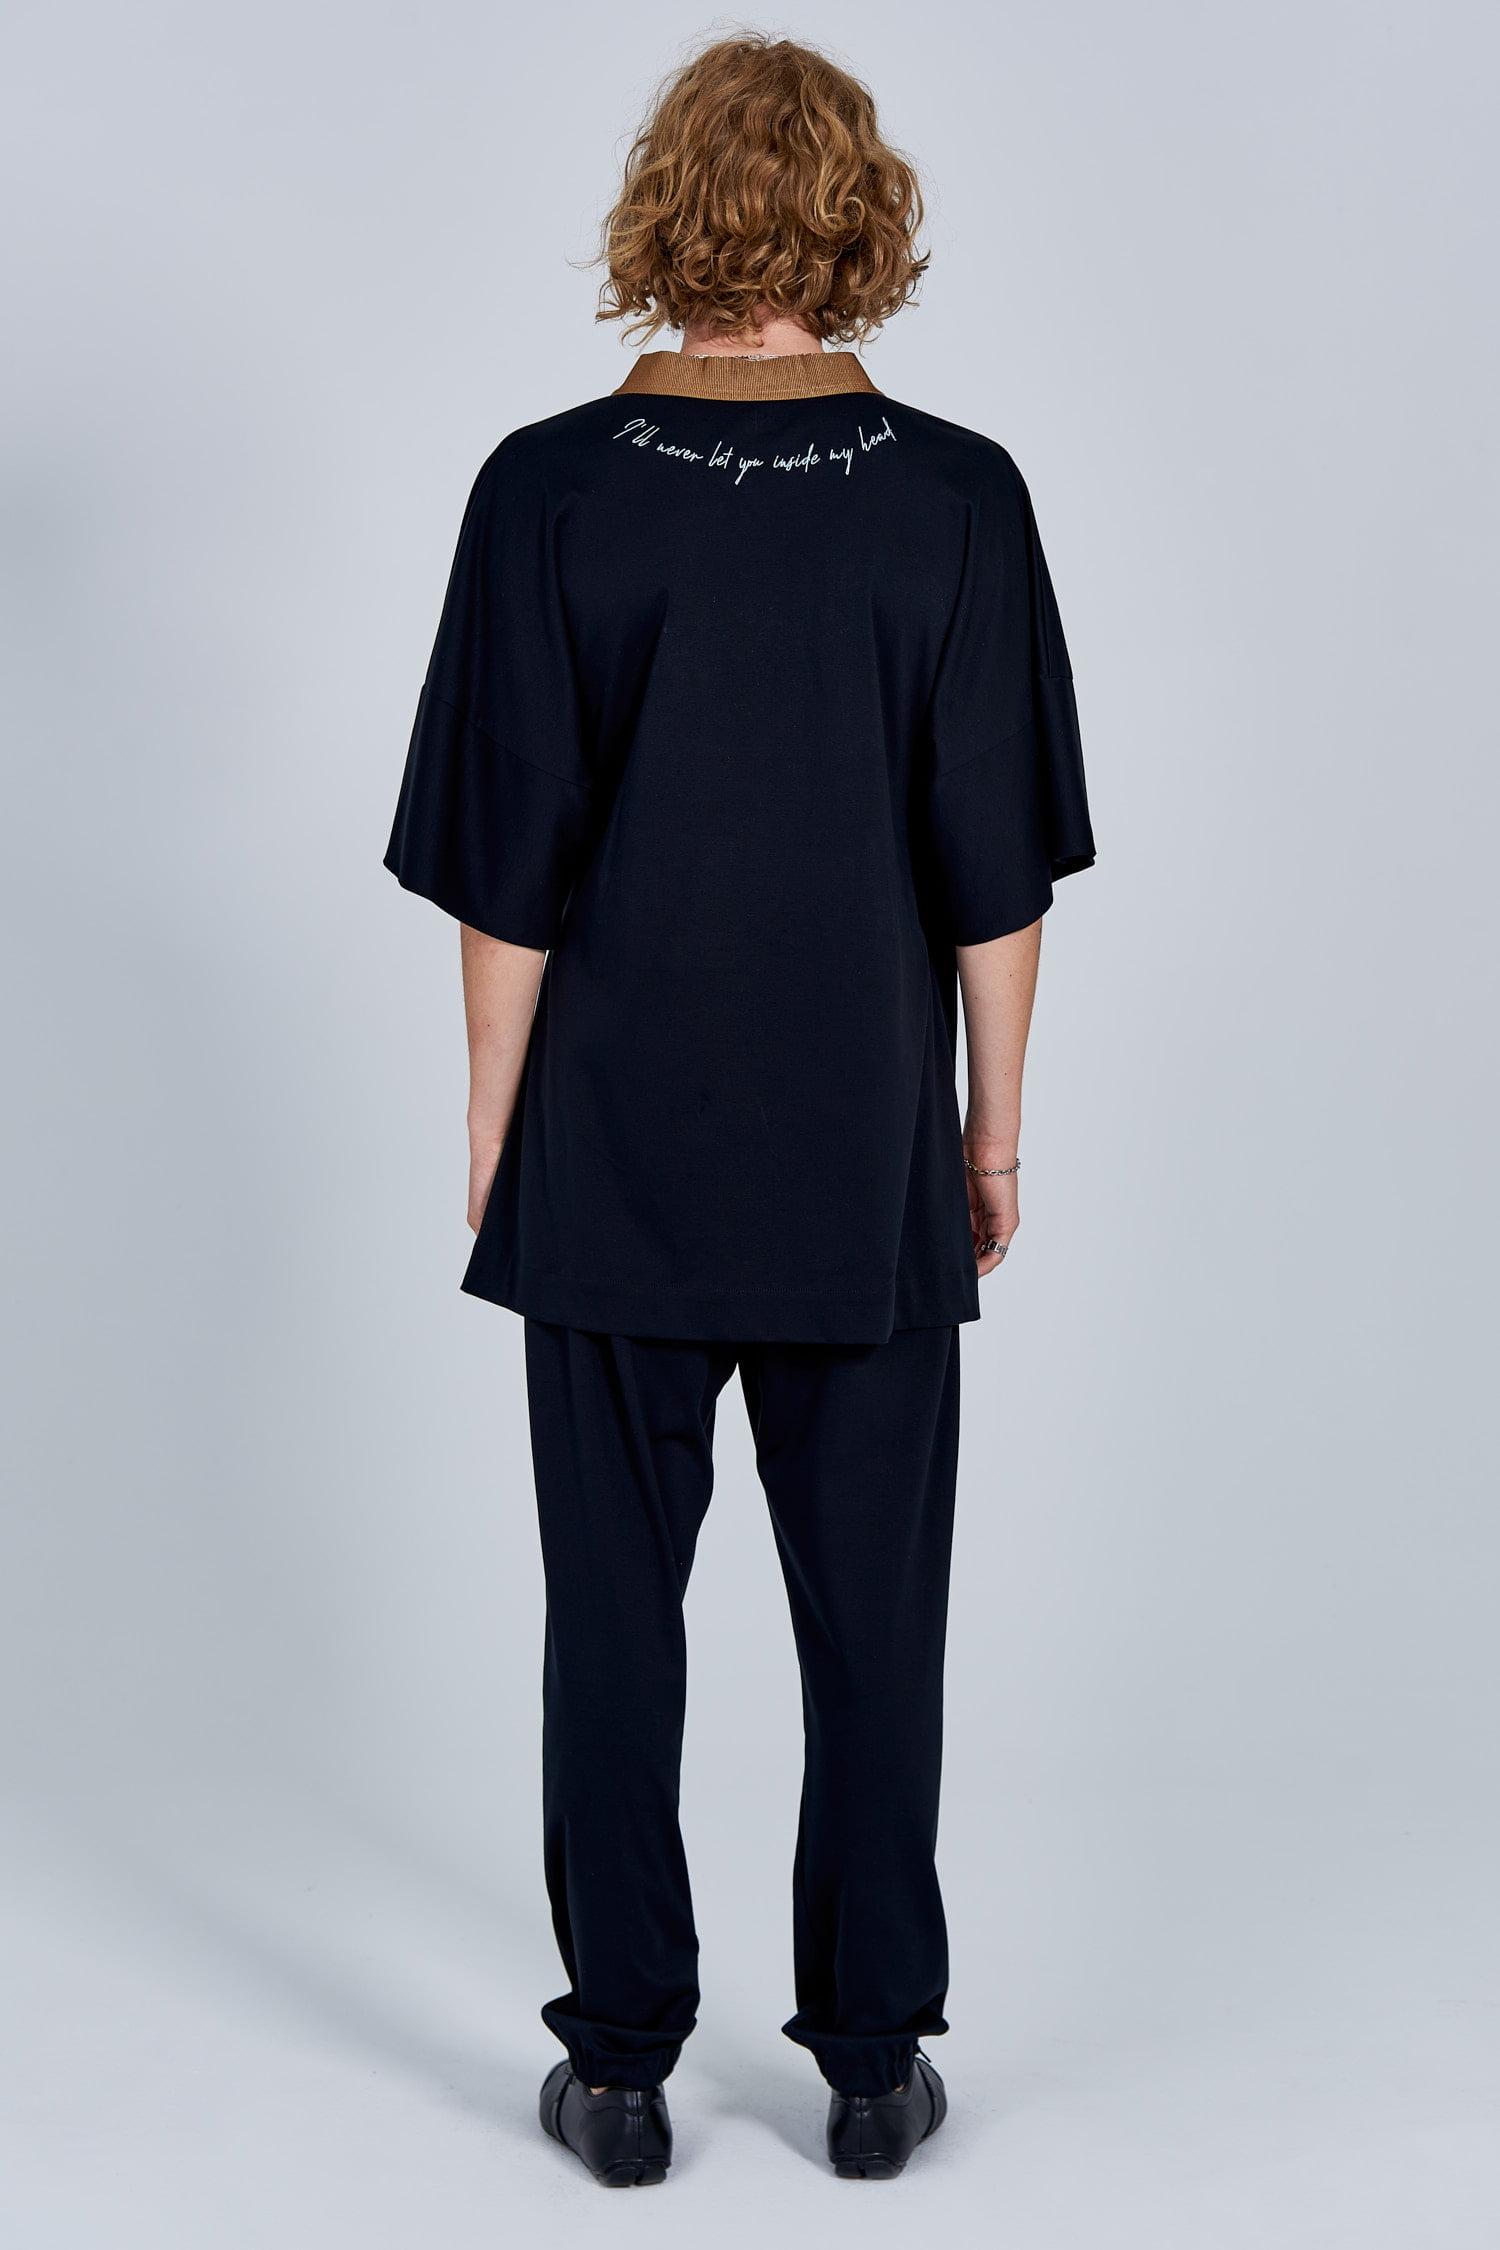 Acephala Fw 2020 21 Black Unisex Kimono With Embroidery Back Him